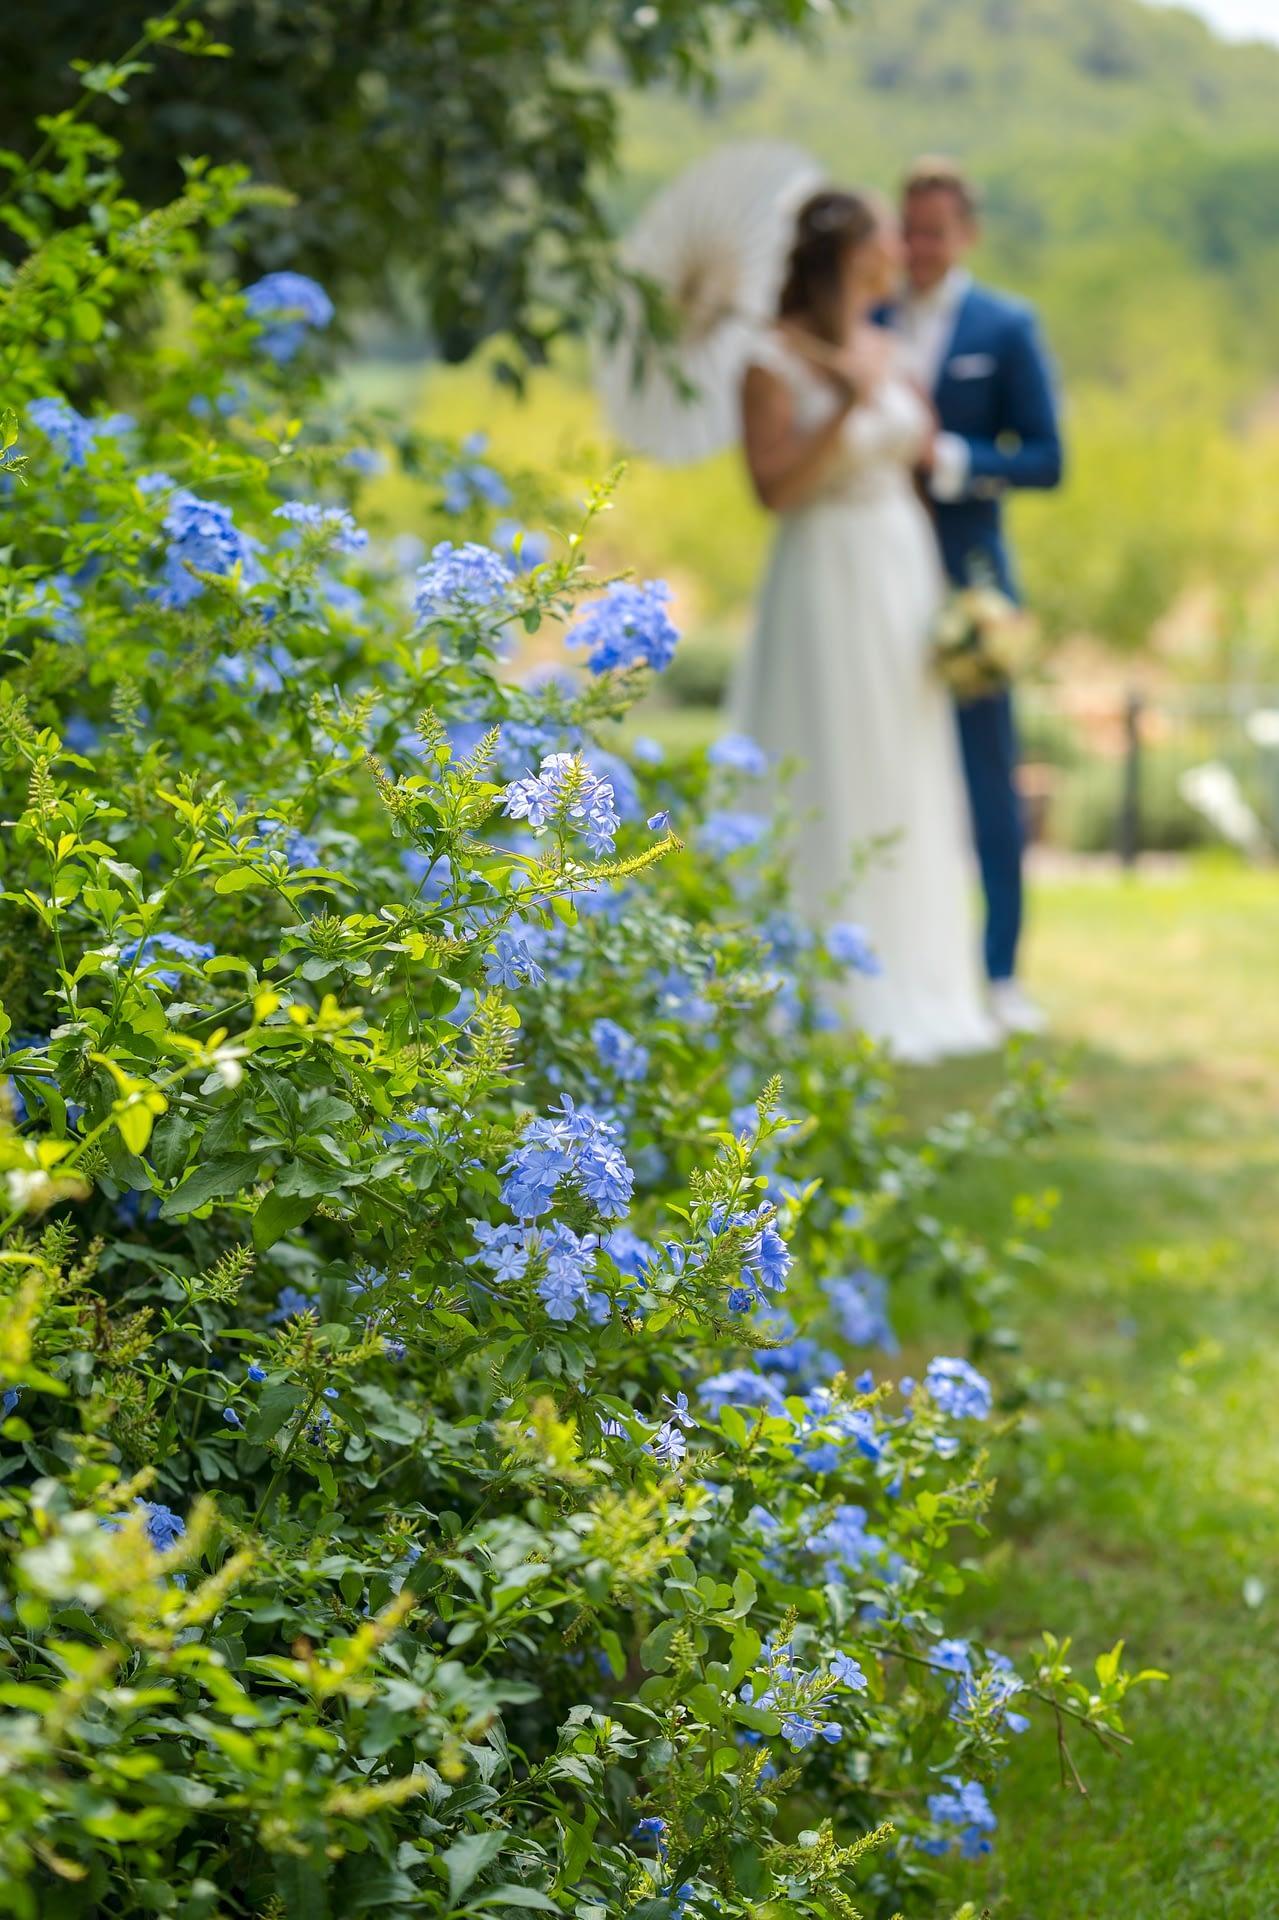 Pierluigi Cavarra - fotografo de bodas y eventos - wedding photographer costa blanca - ejemplo -34